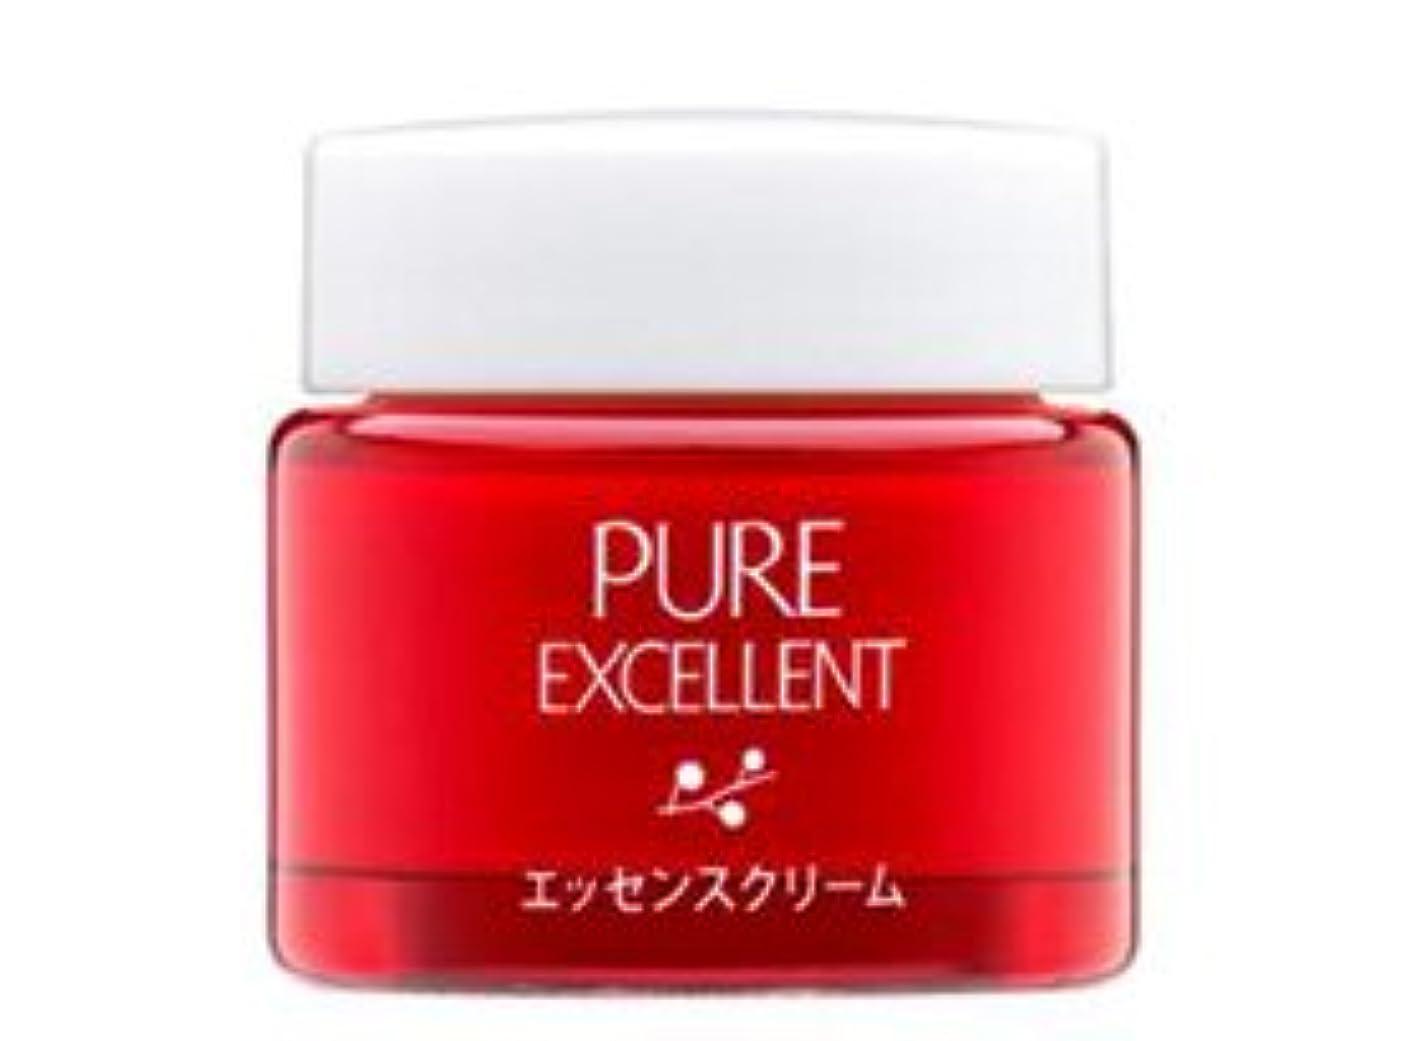 蓄積するサミット安定したハイム化粧品/エッセンスクリーム【ピュアエクセレントG】